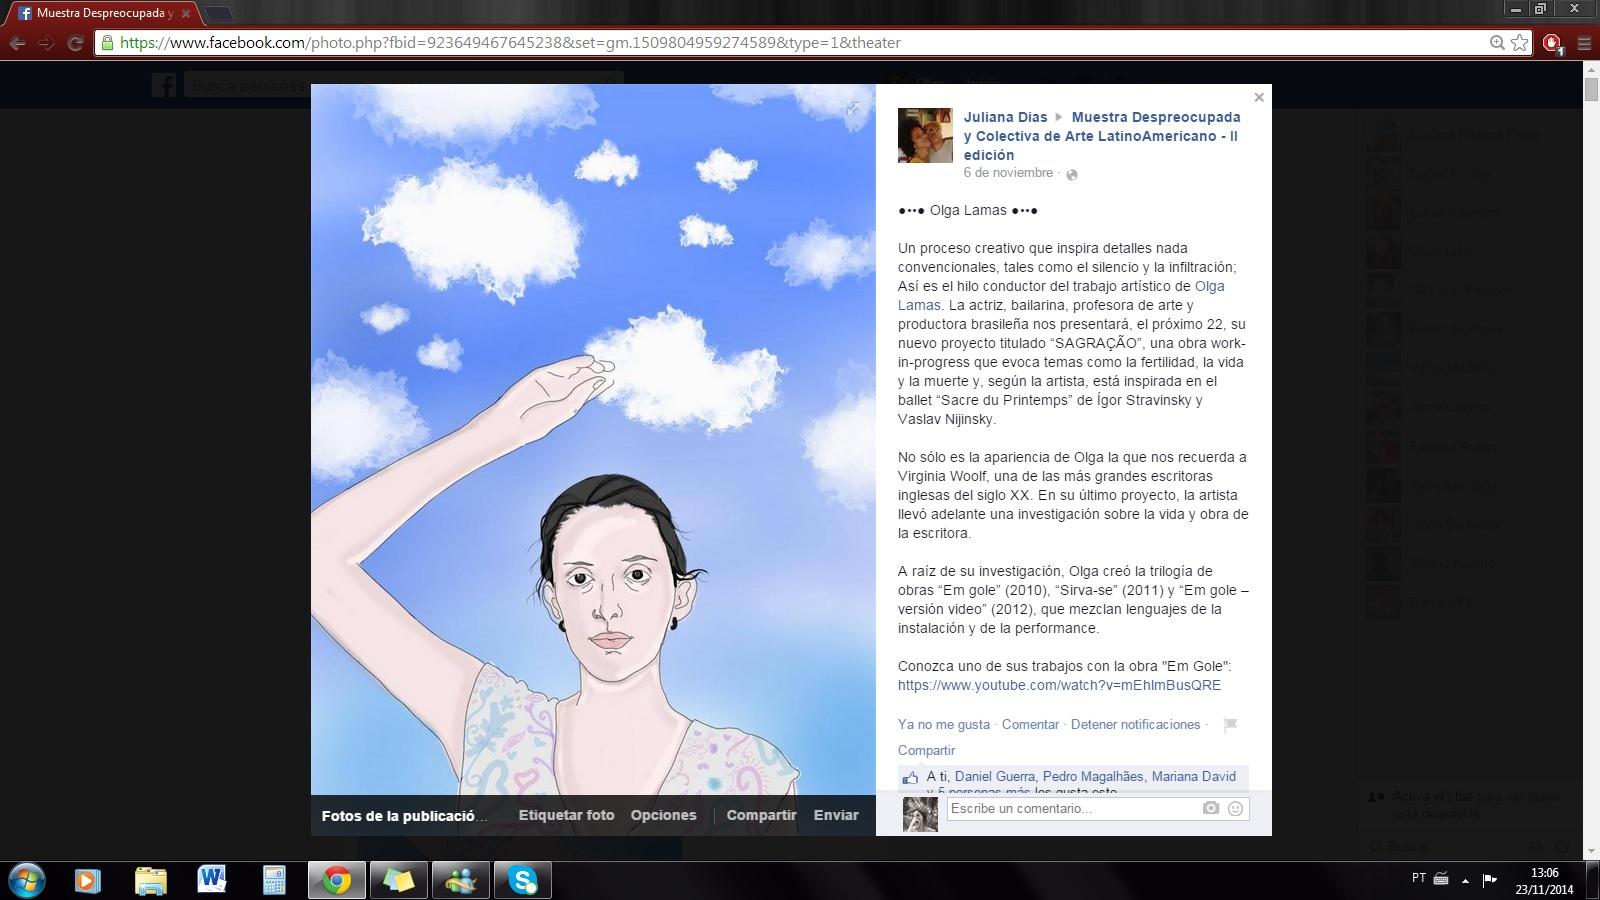 2014_Sagração_Performance_en_la_Muestra_Despreocupada_Nota_en_Facebook